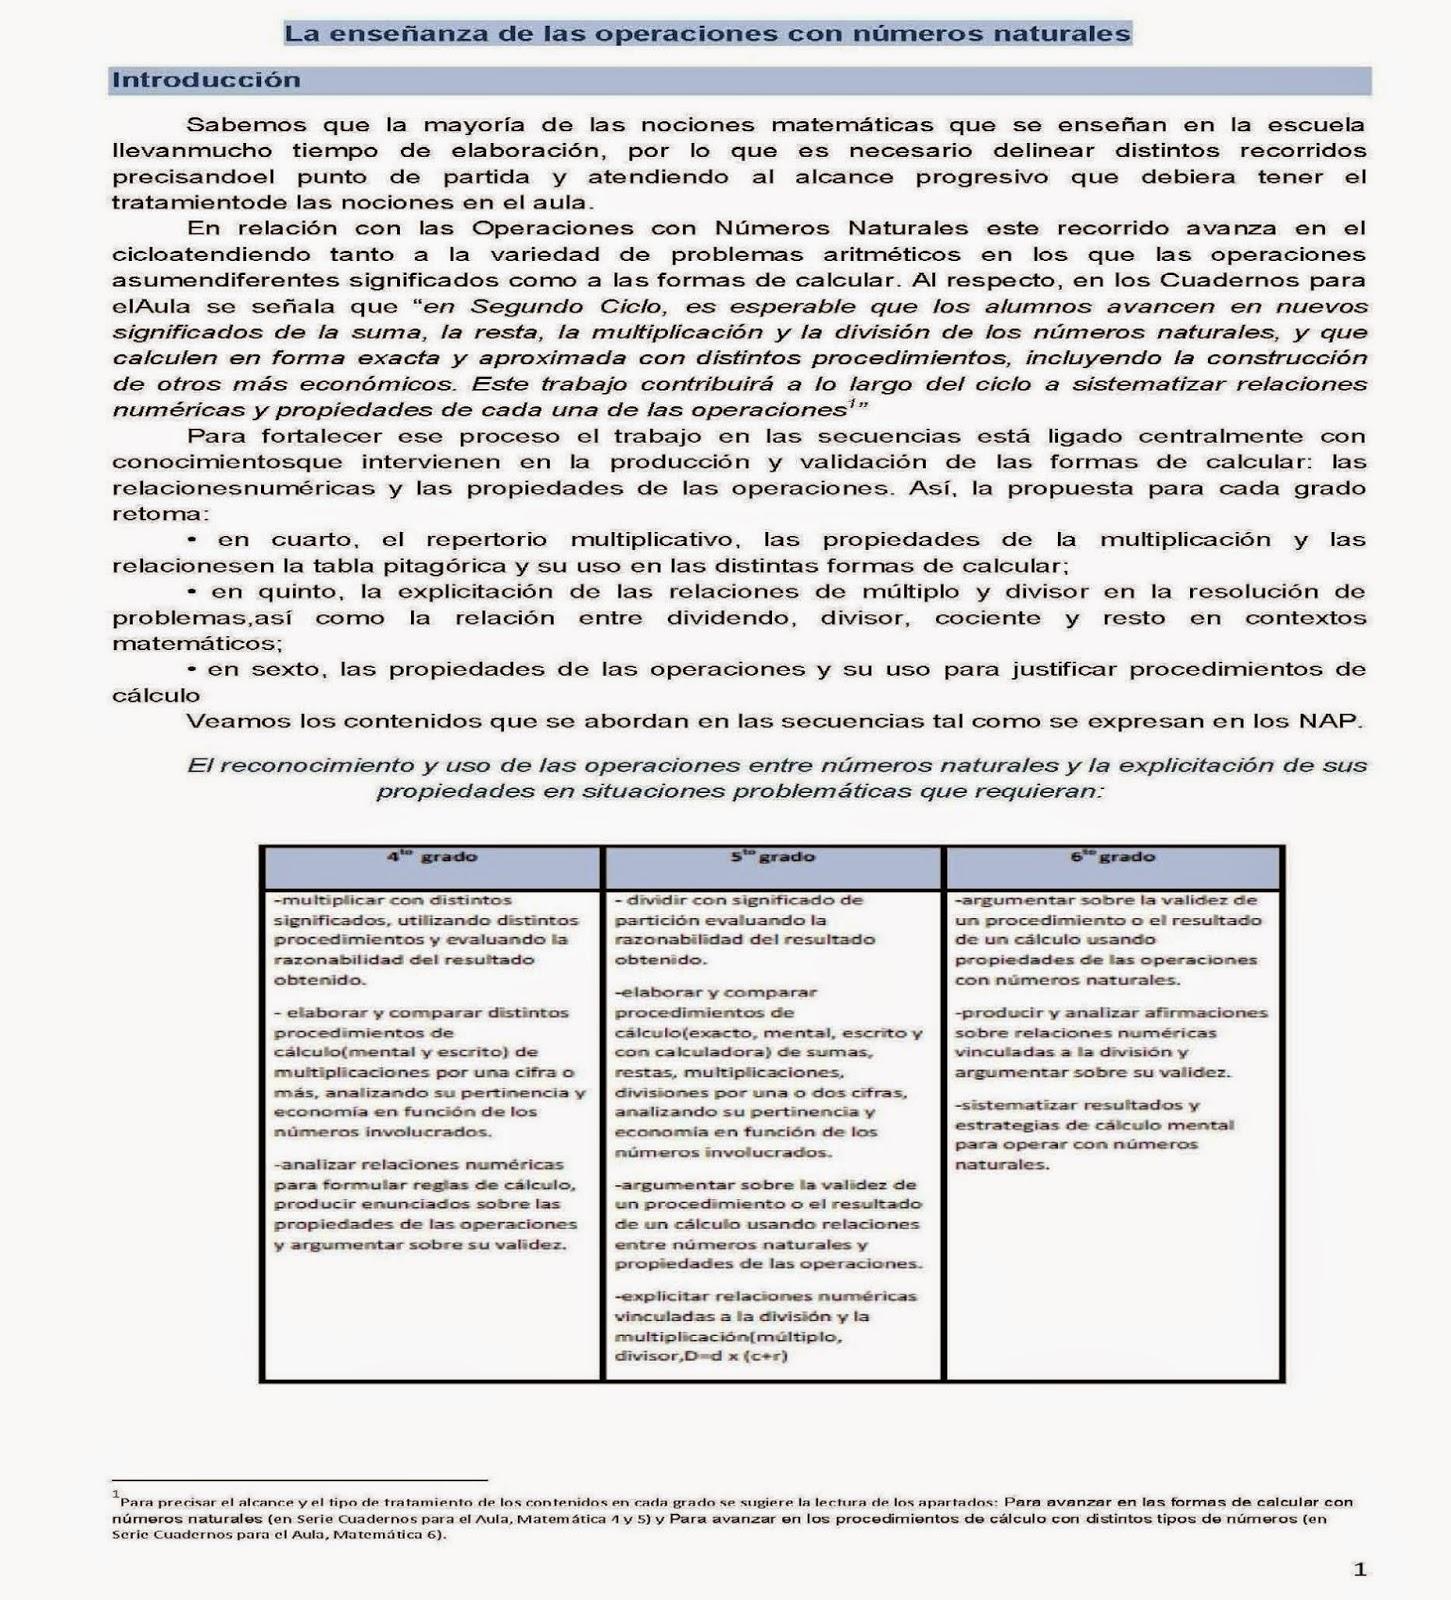 Alfabetización Inicial y Continua): Matemática 2do Ciclo - PROMEDU